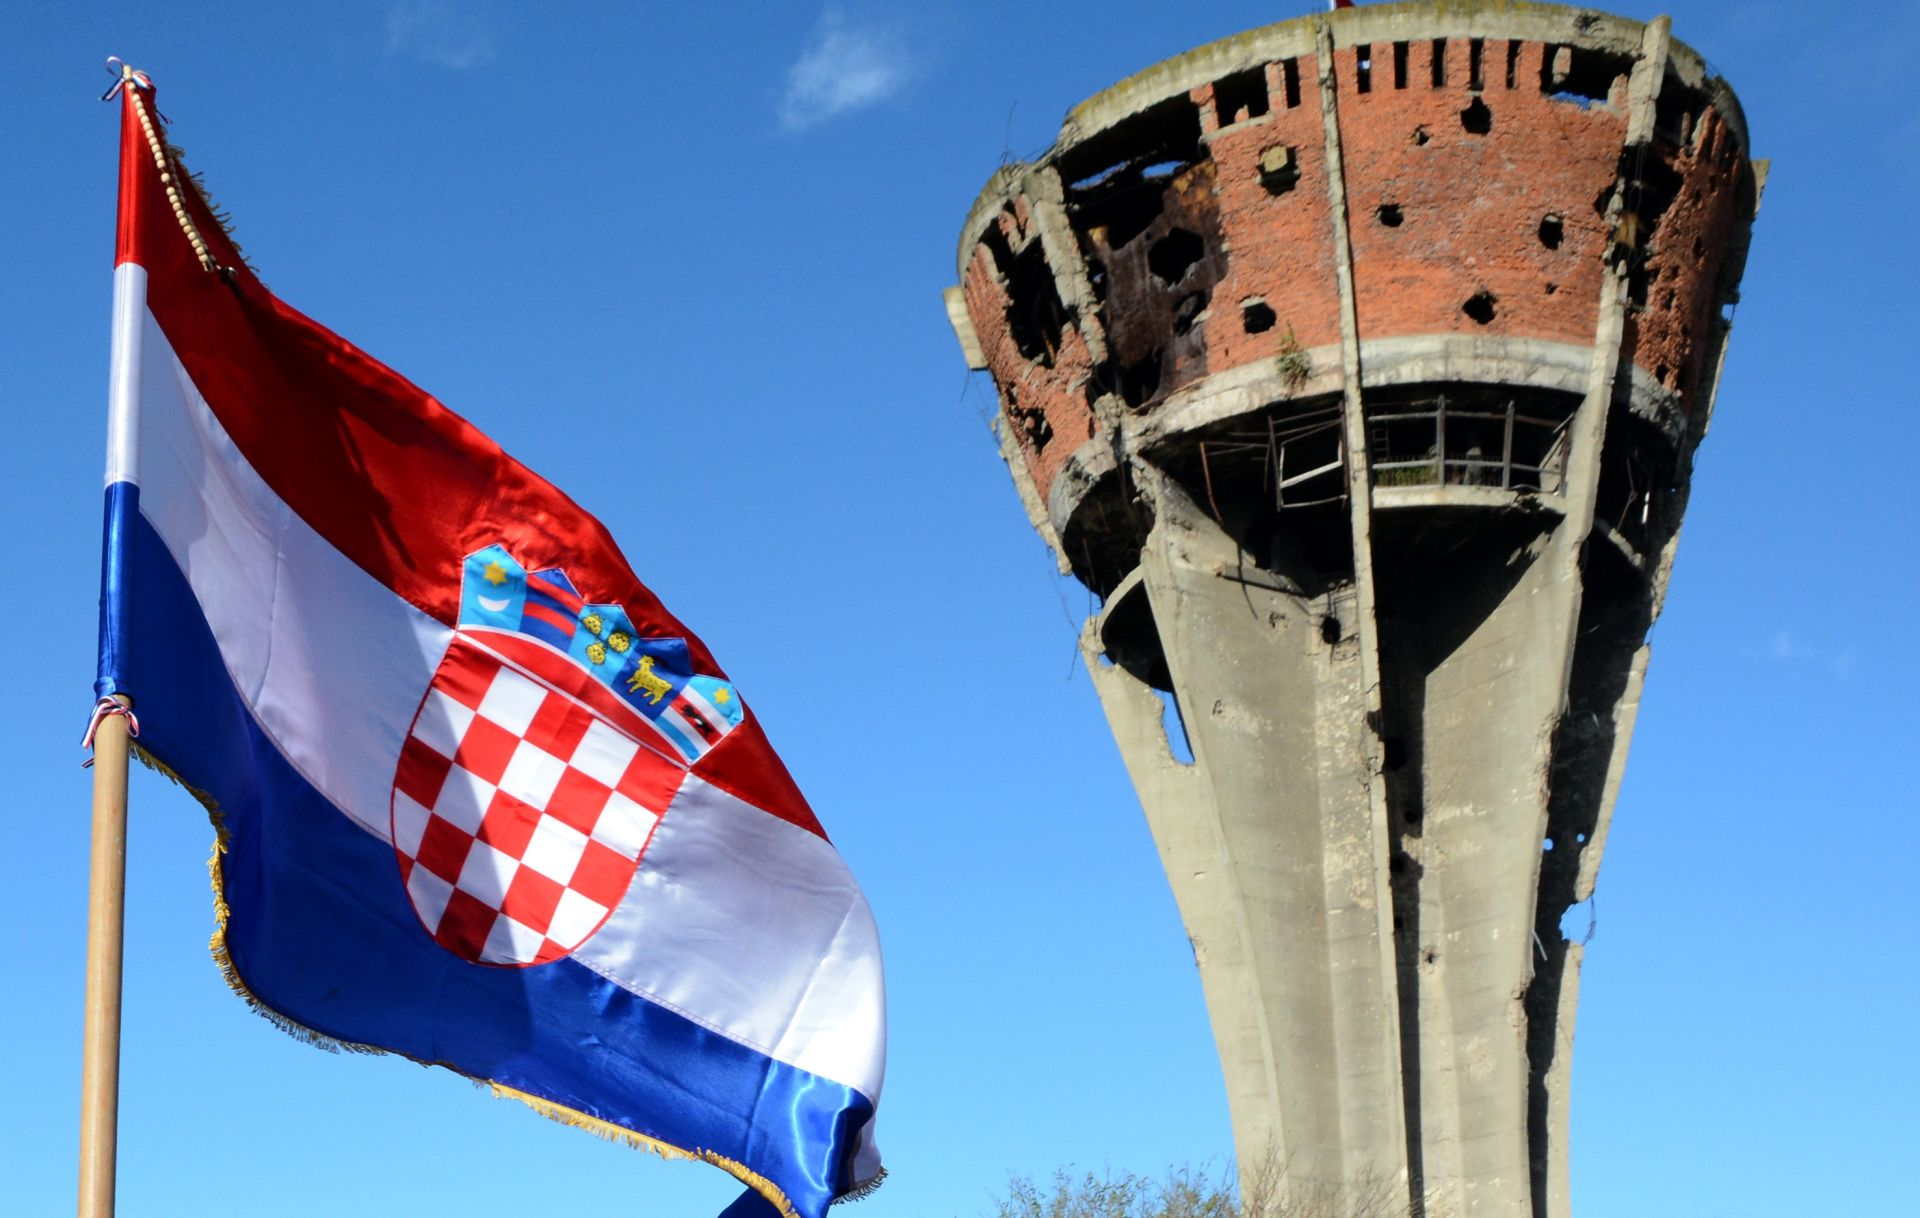 MINISTARSTVO PRAVOSUĐA: Zbog zločina u Vukovaru osuđena 181 osoba, mnogi postupci i dalje traju